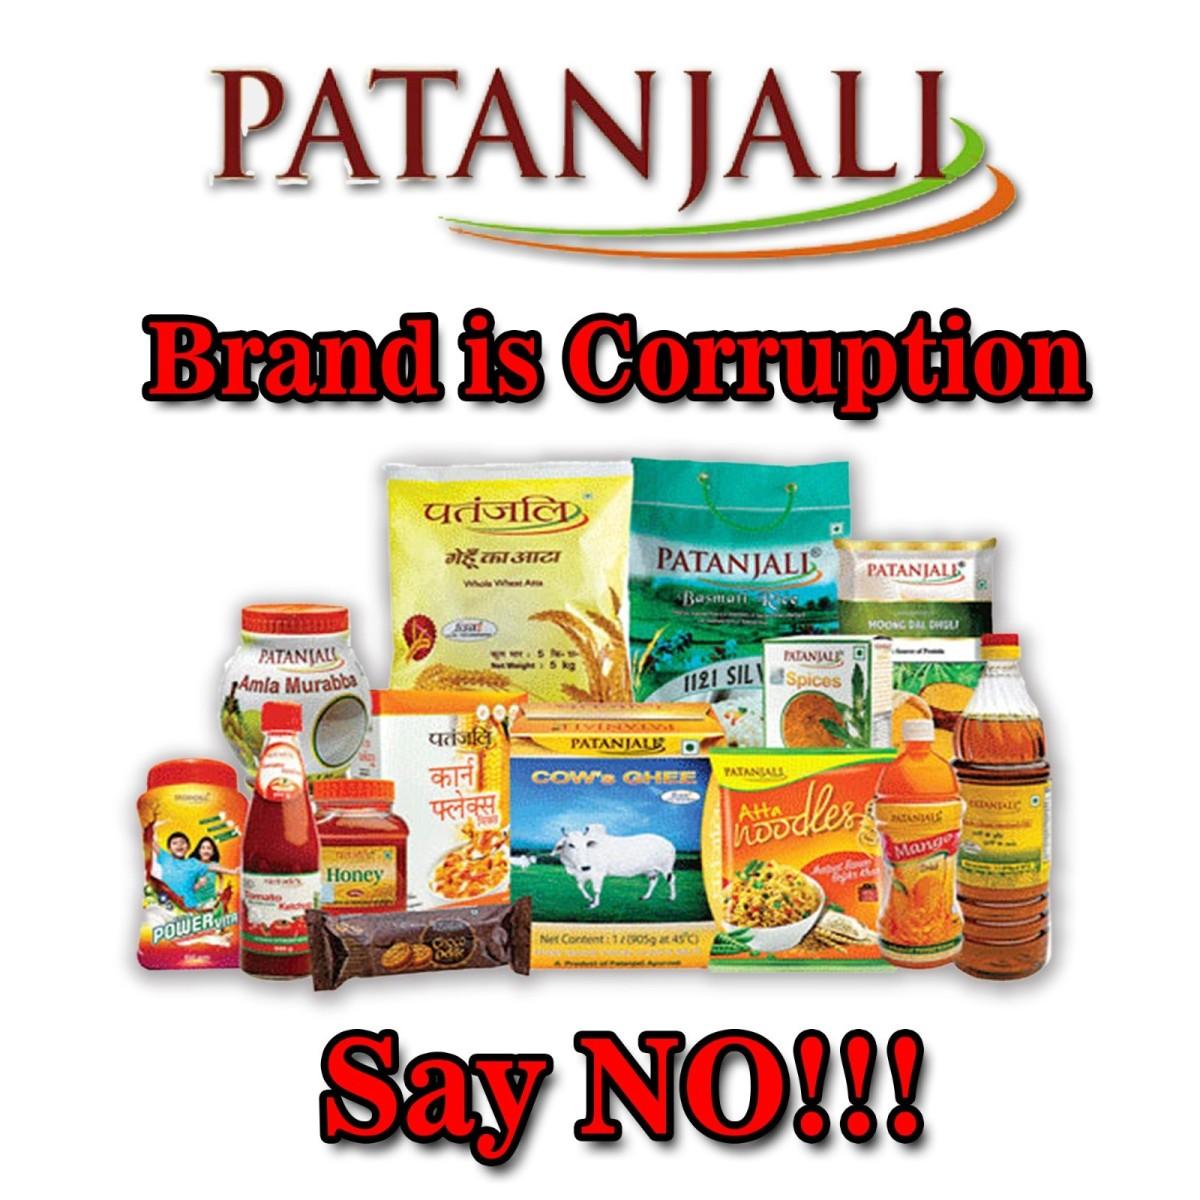 Patanjali Name of Corruption